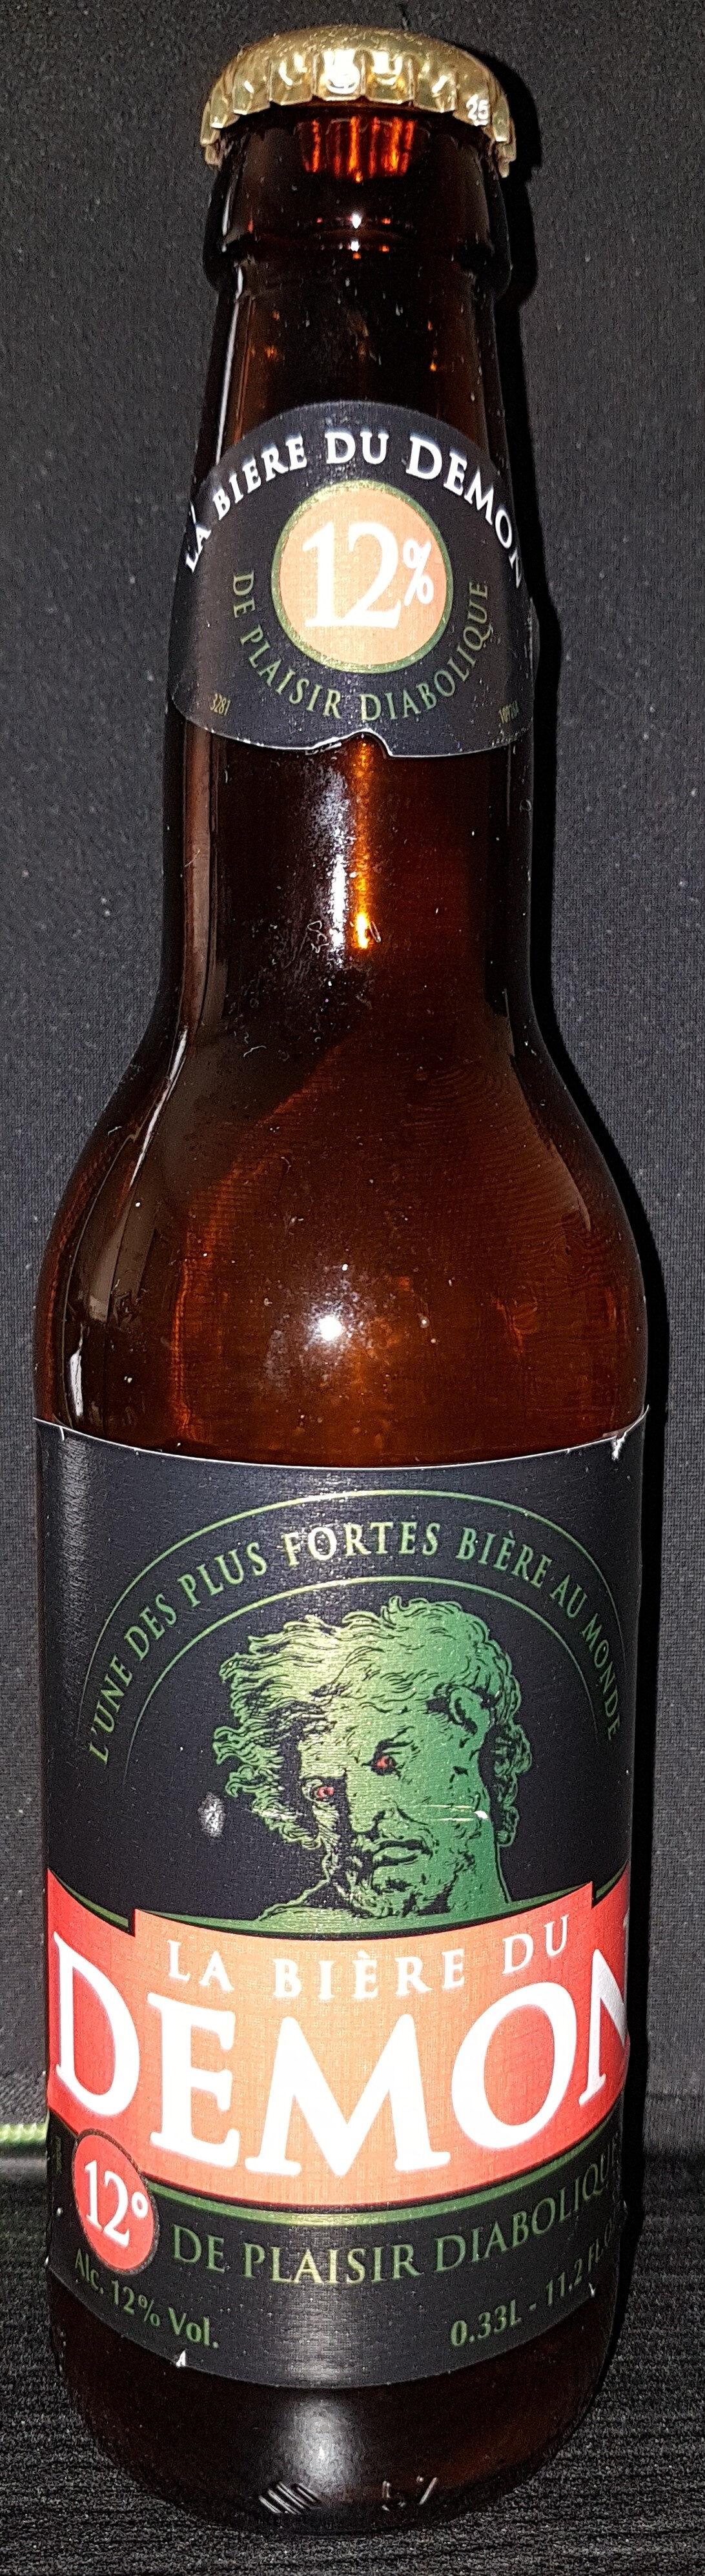 La bière du Démon - Product - fr